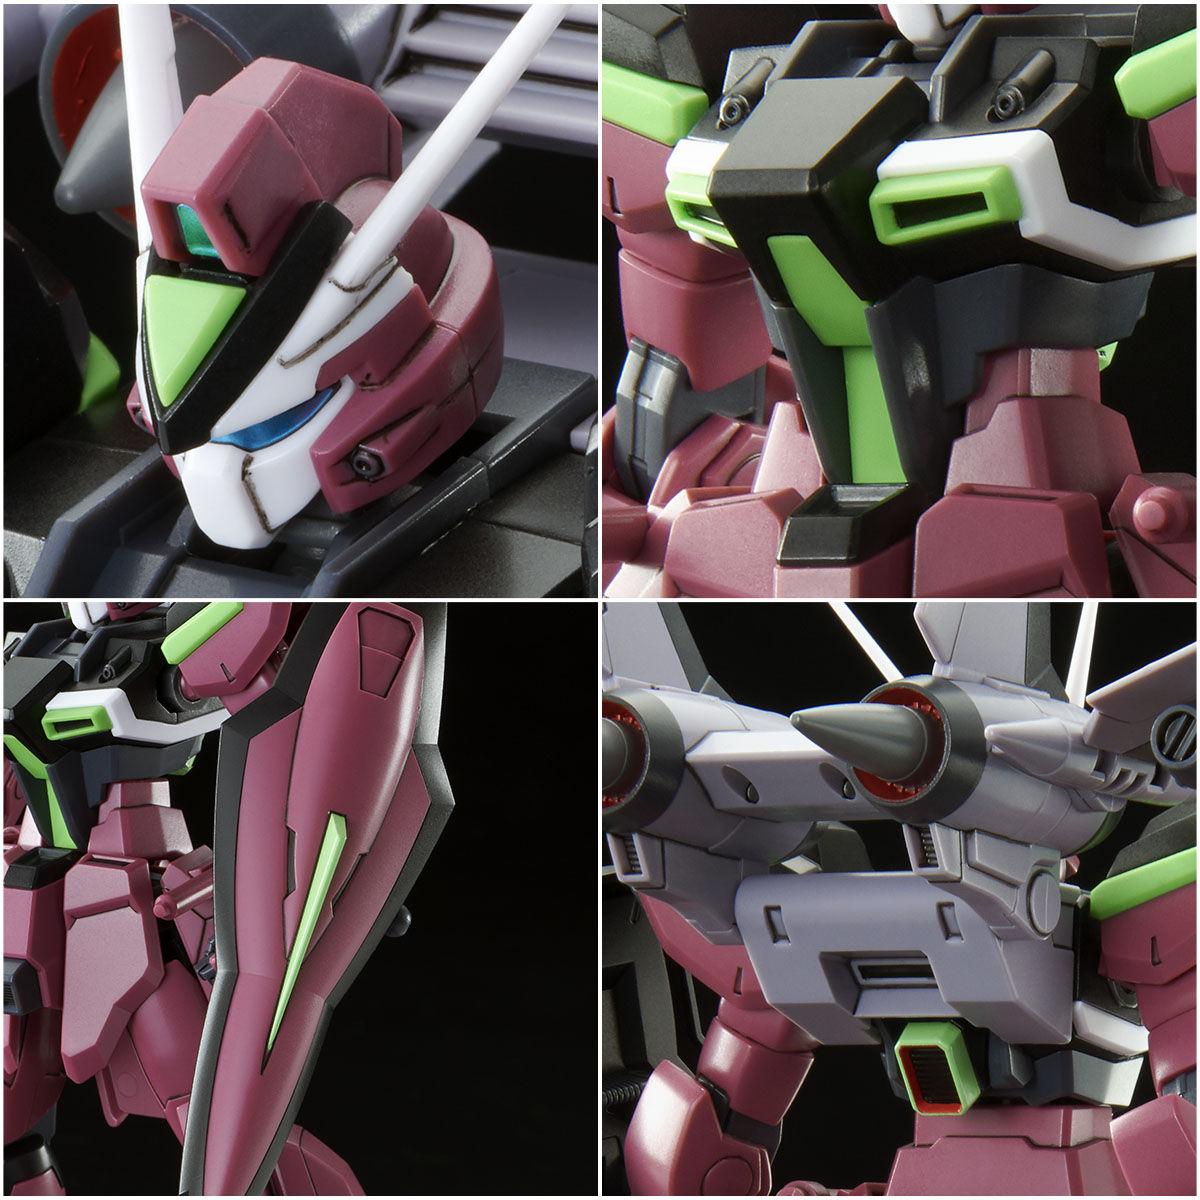 HGCE 1/144『ウィンダム(ネオ・ロアノーク専用機)』ガンダムSEED DESTINY プラモデル-006